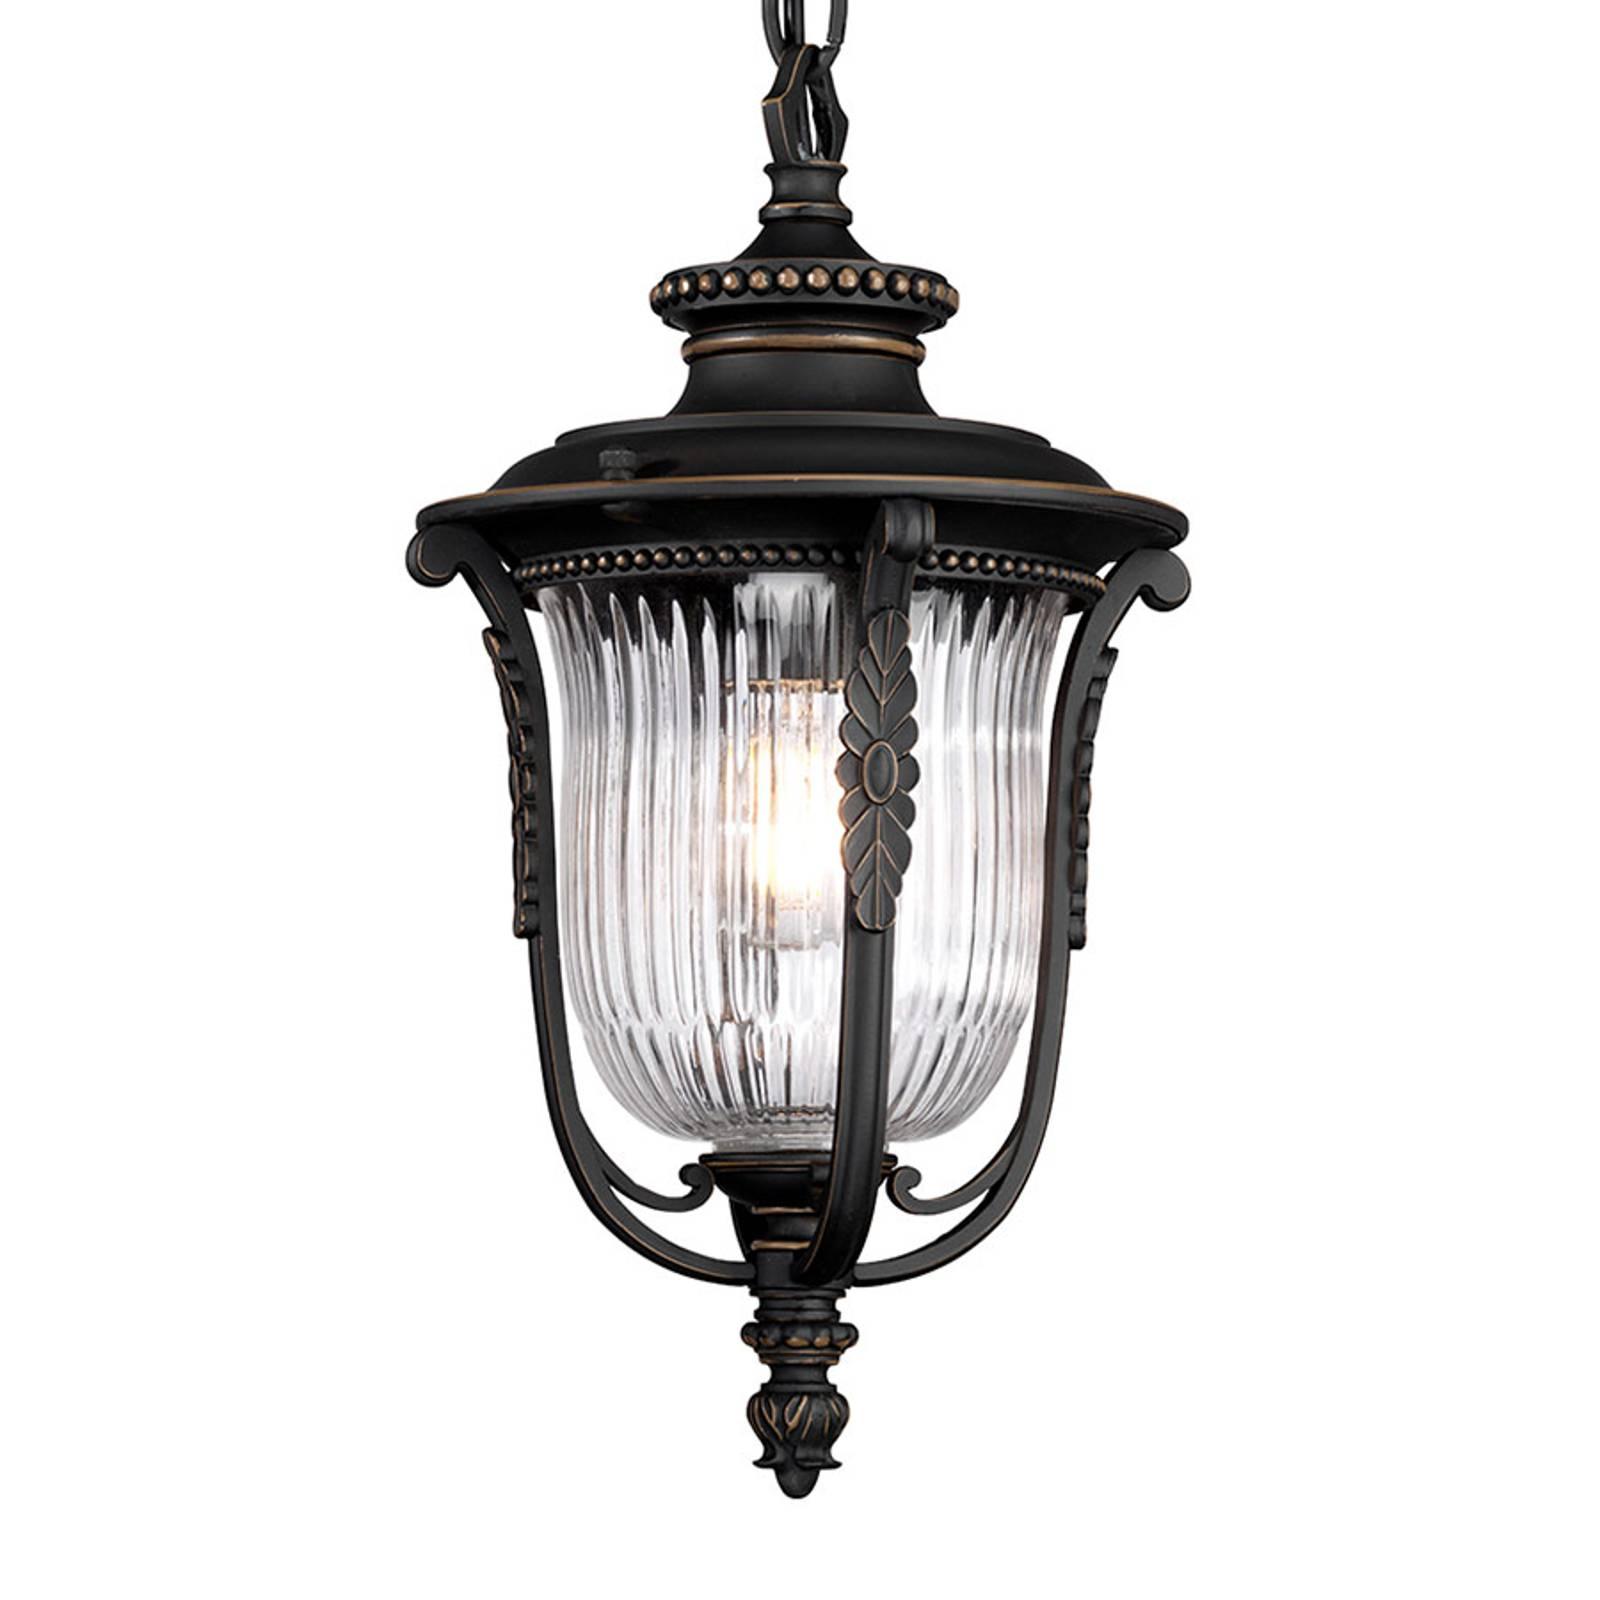 Lampa wisząca Luverne na zewnątrz